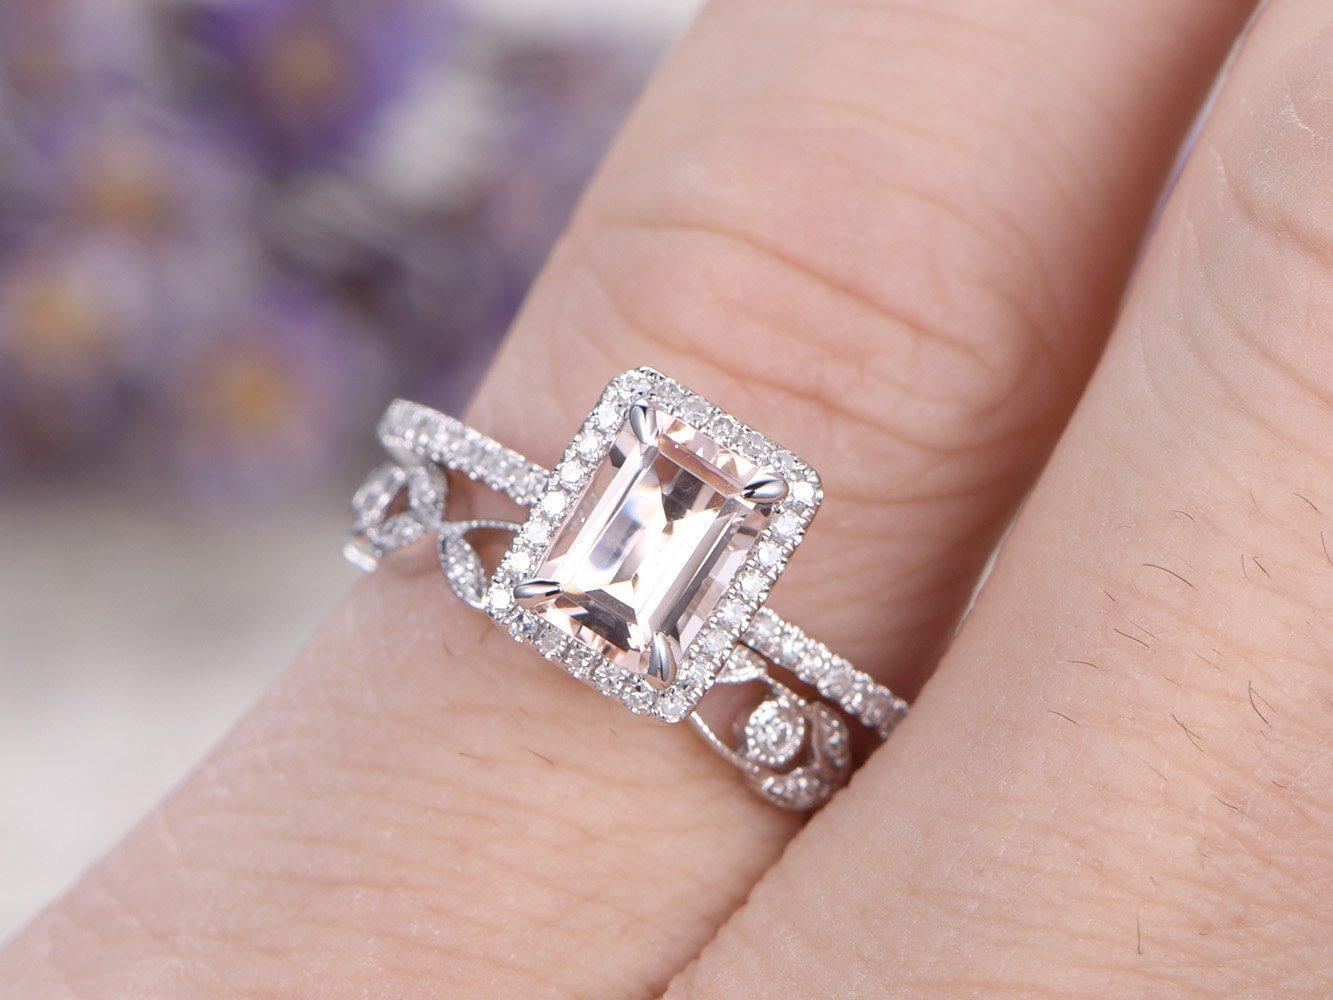 Amazon.com: 2pcs Morganite Wedding Ring Set,5x7mm Emerald Cut ...